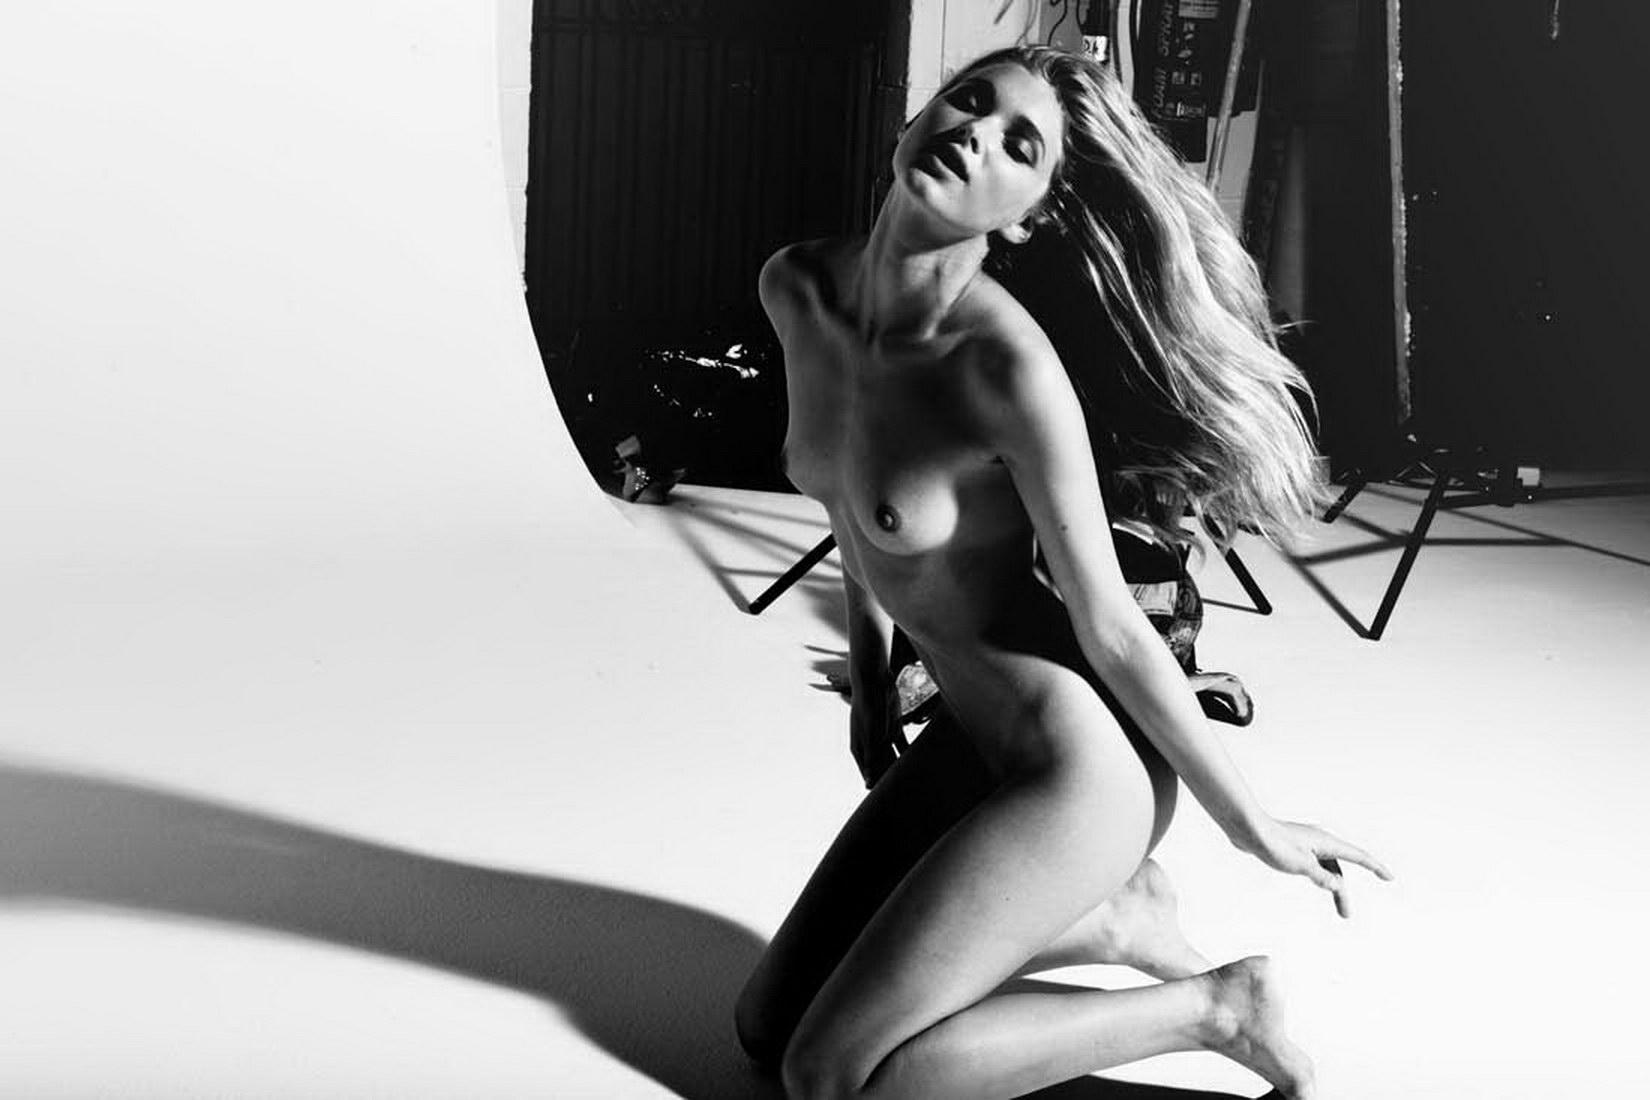 For that elsa hosk nude